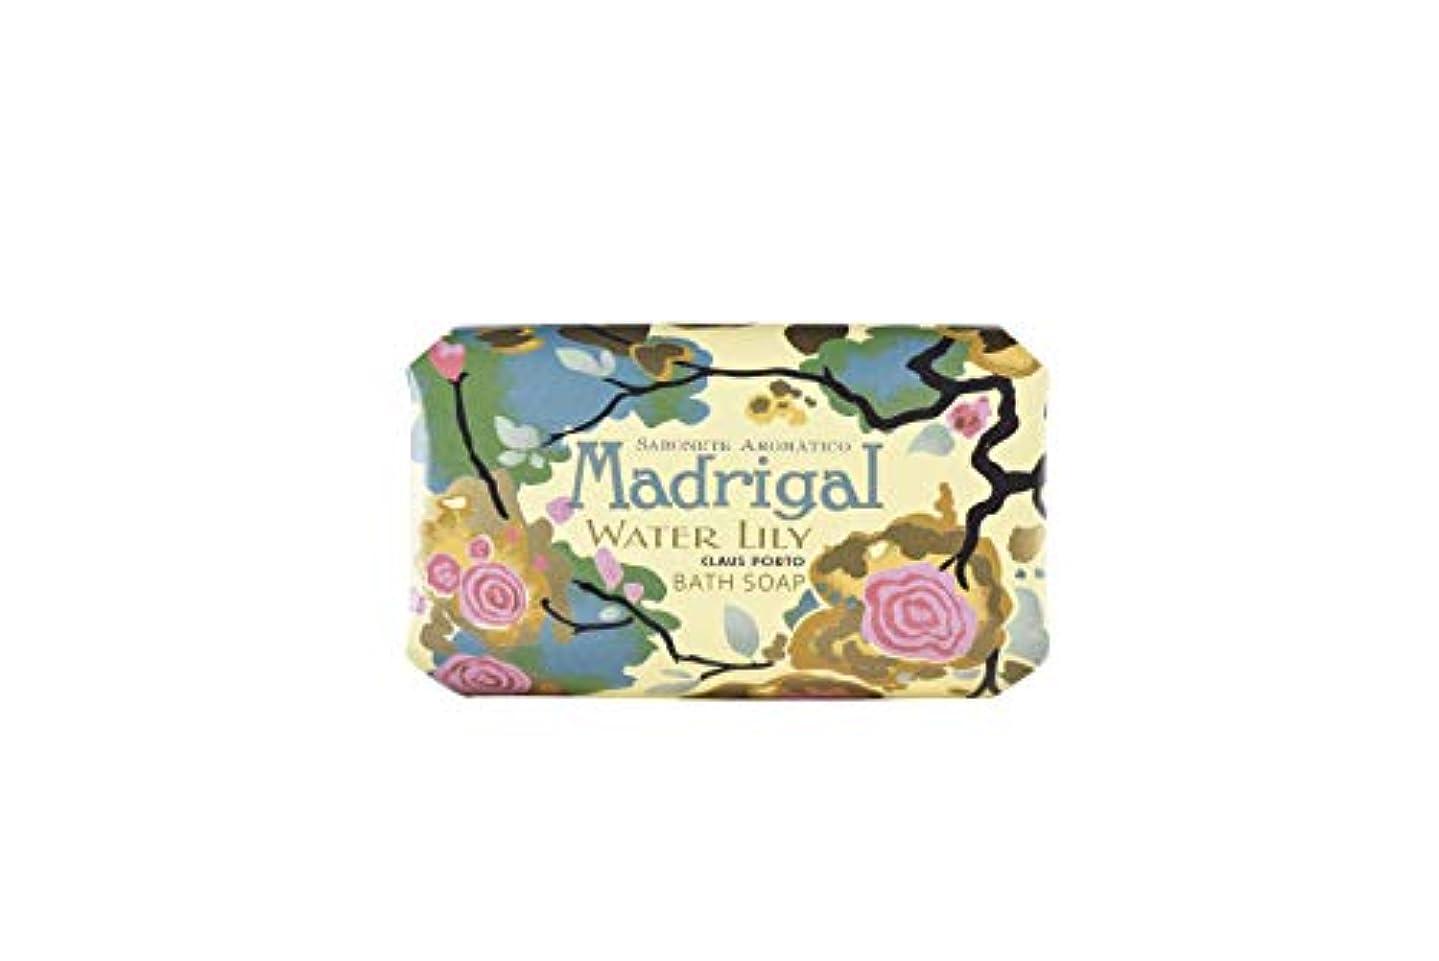 文明化するメトロポリタン意味するClaus Porto MADRIGAL マドリガール バスソープ 350g